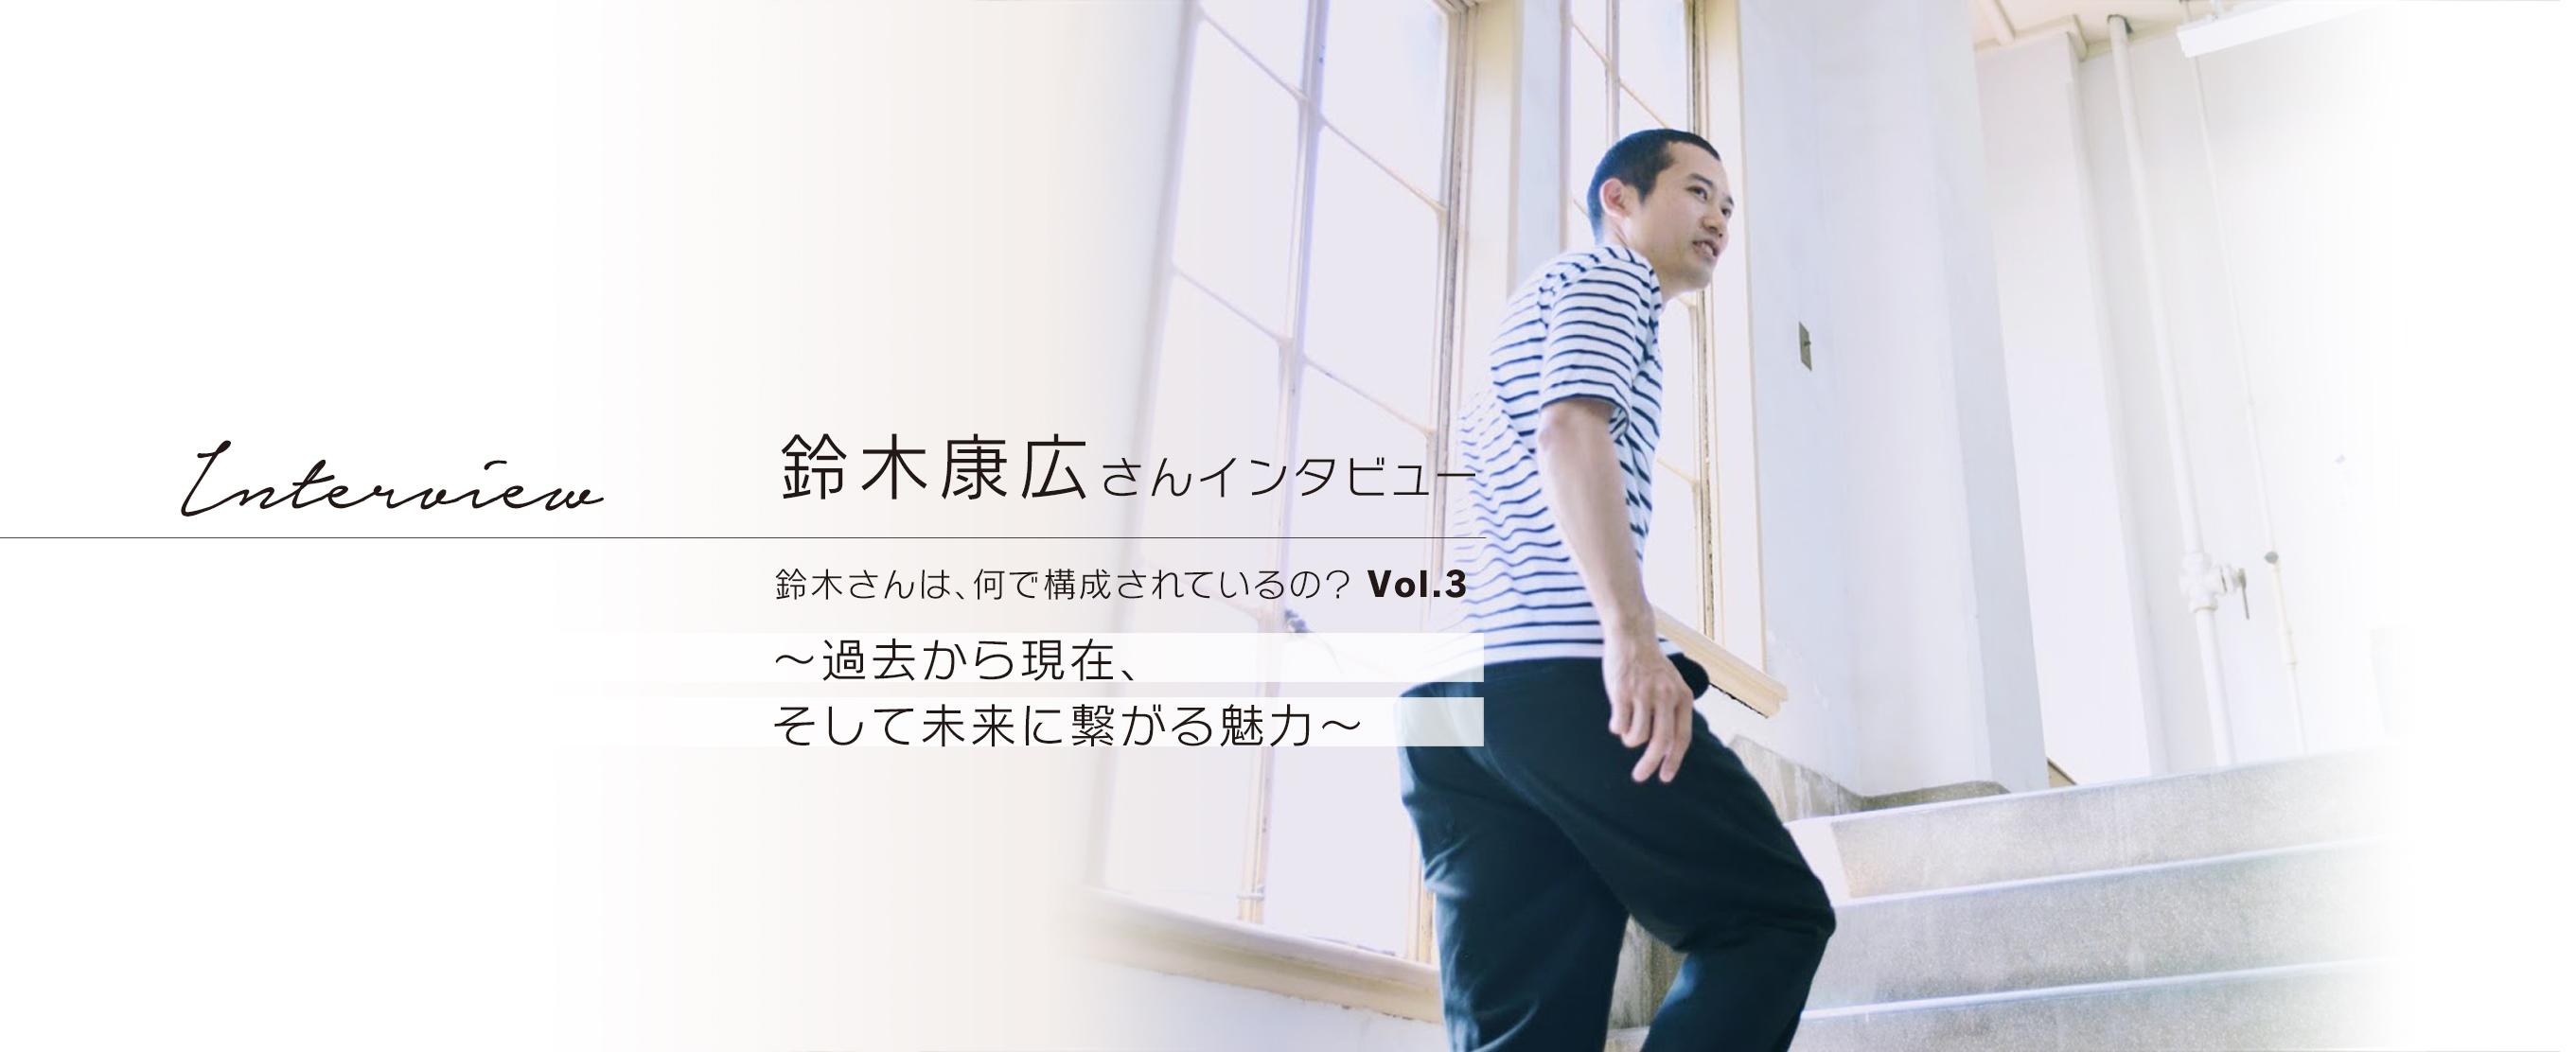 鈴木康広さんインタビュー 鈴木さんは、何で構成されているの?  Vol.3 ~過去から現在、そして未